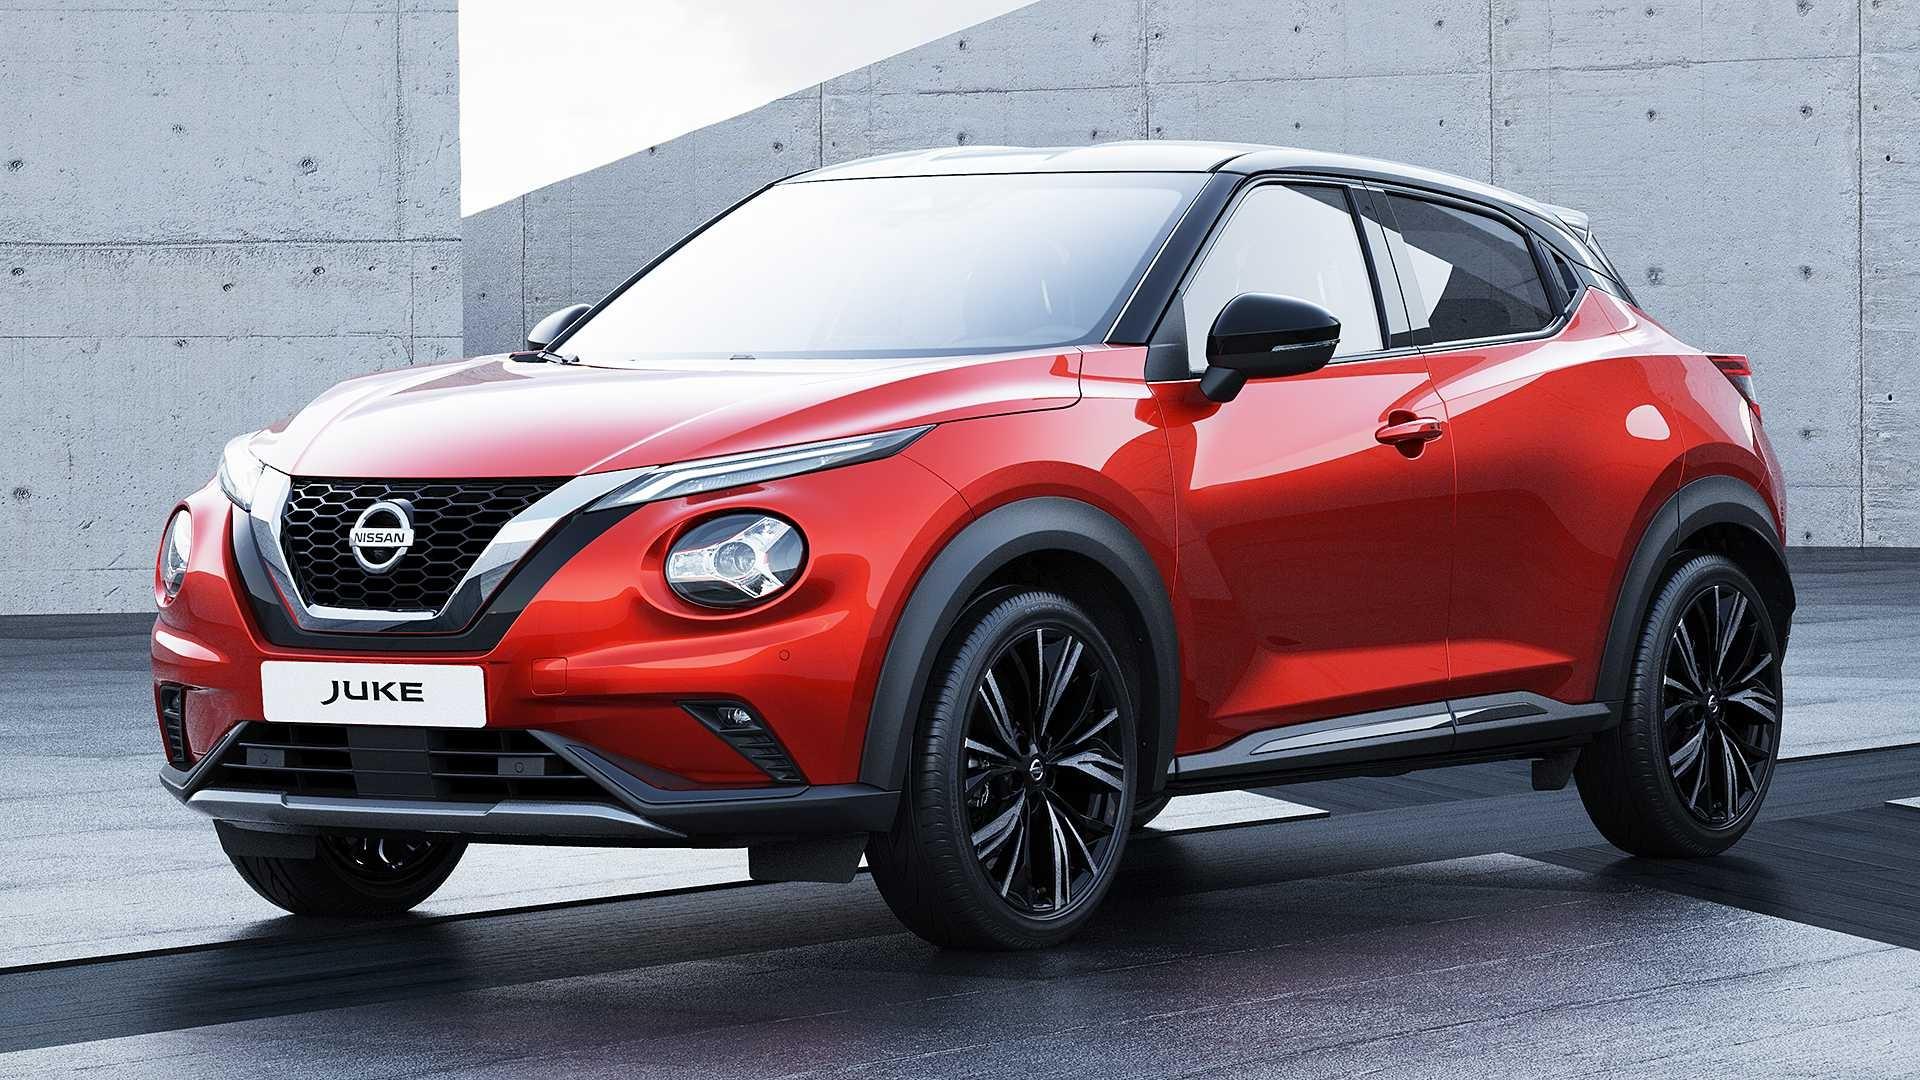 Ngam Nissan Juke 2020 bat dau ban ra voi gia 21.510 USD hinh anh 1